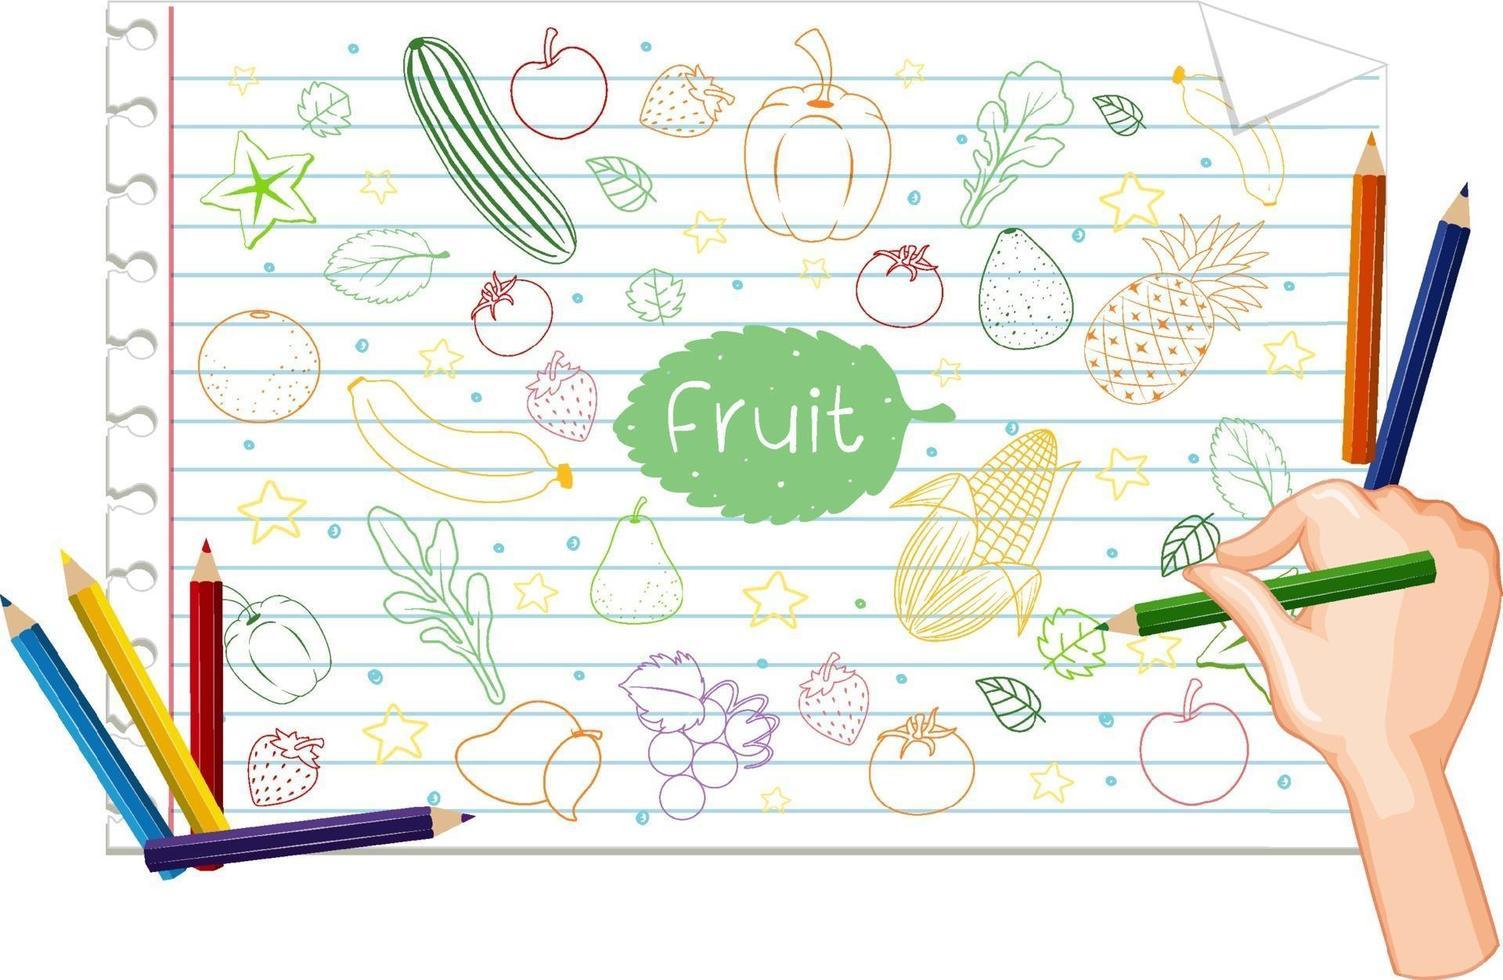 Handzeichnung viele Früchte kritzeln auf Papier vektor